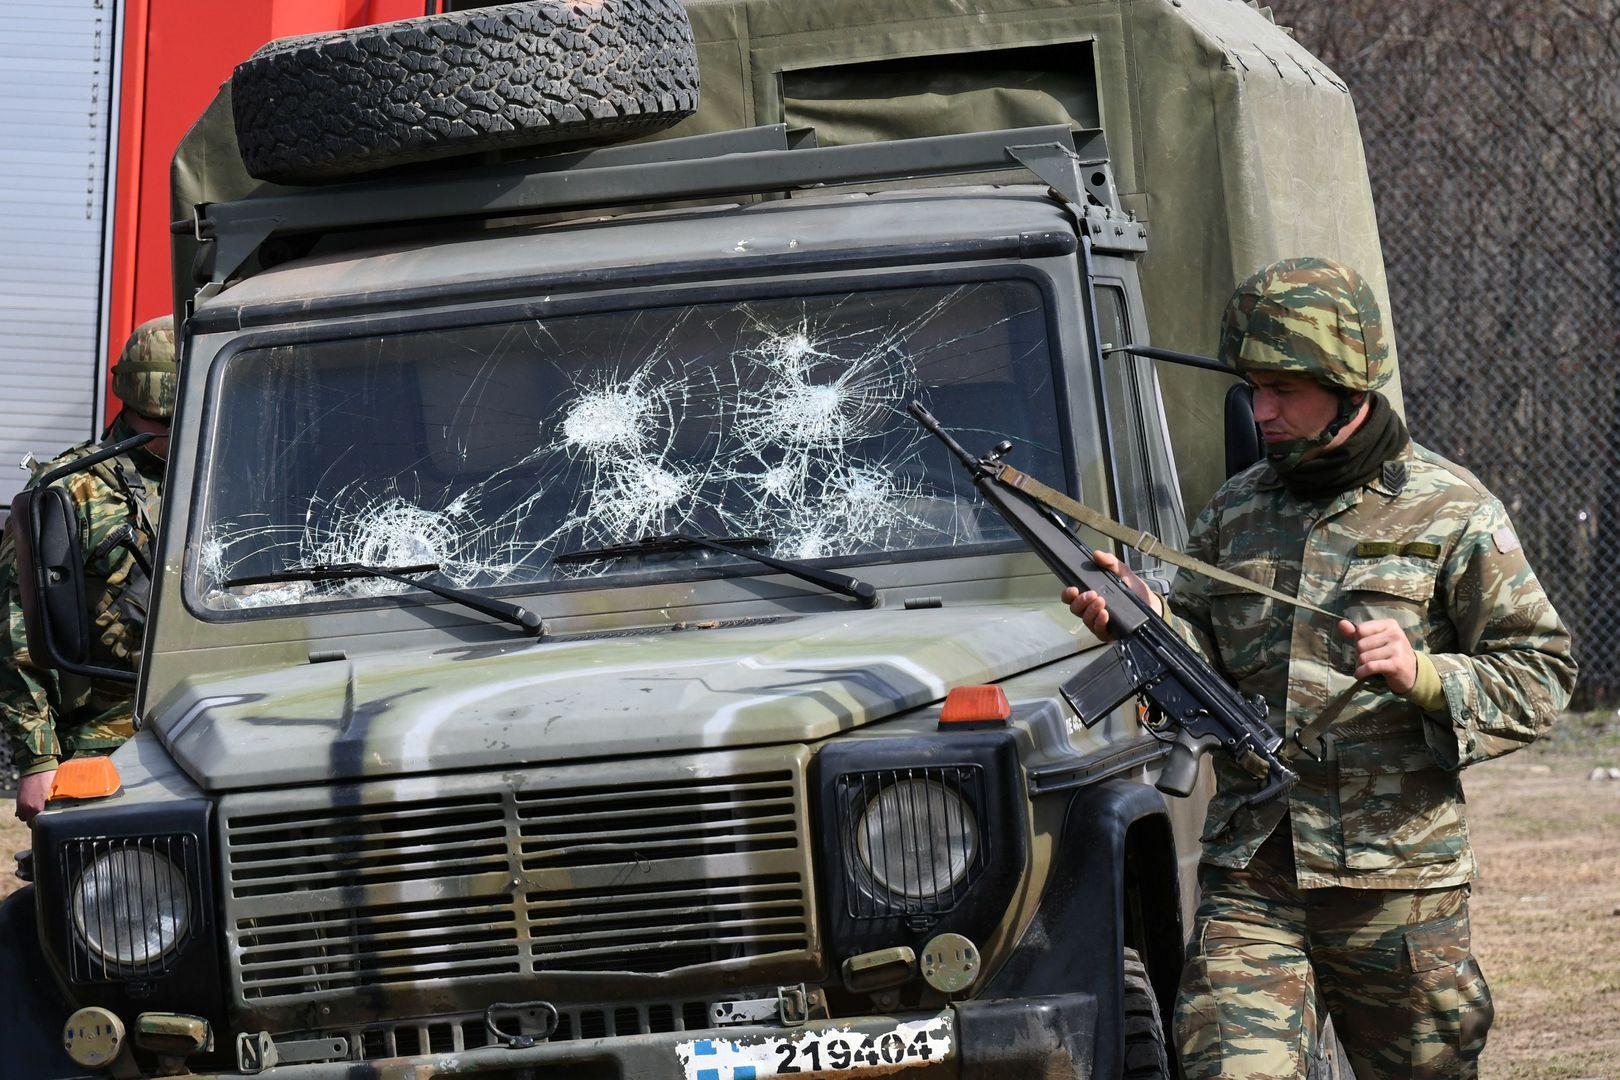 Ein griechischer Soldat steht neben einem Armeefahrzeug mit zerbrochener Windschutzscheibe